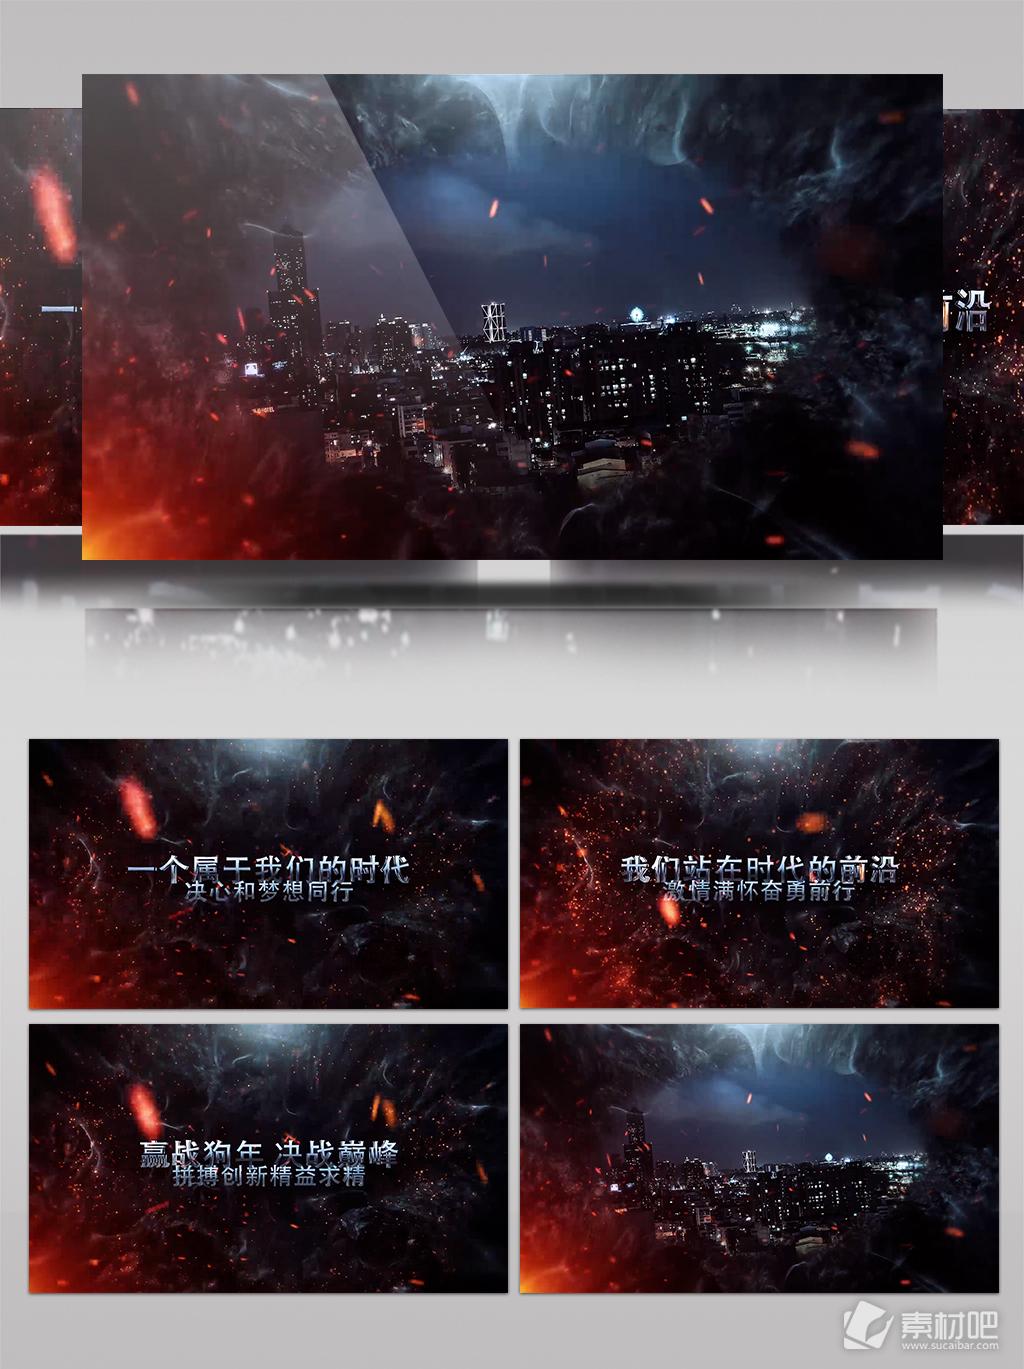 震撼大气电影效果火花粒子飘浮标题预告宣传片模板